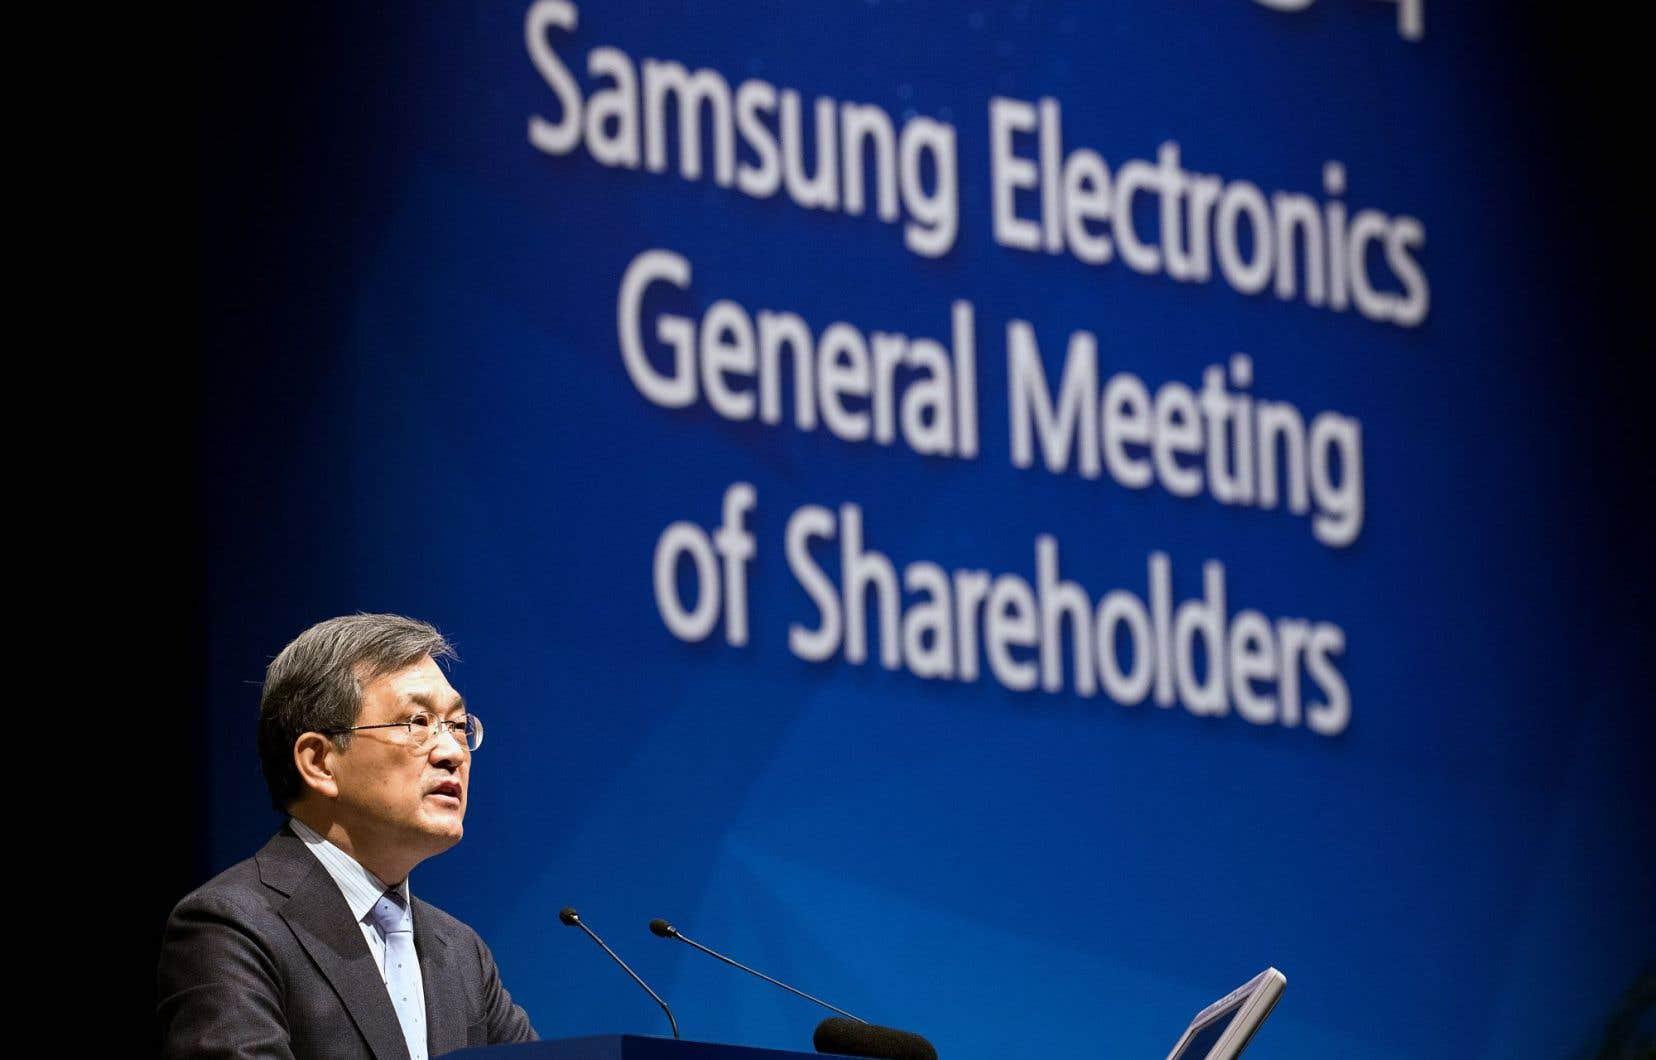 Le président du conseil d'administration de Samsung Electronics, Kwon Oh-hyun